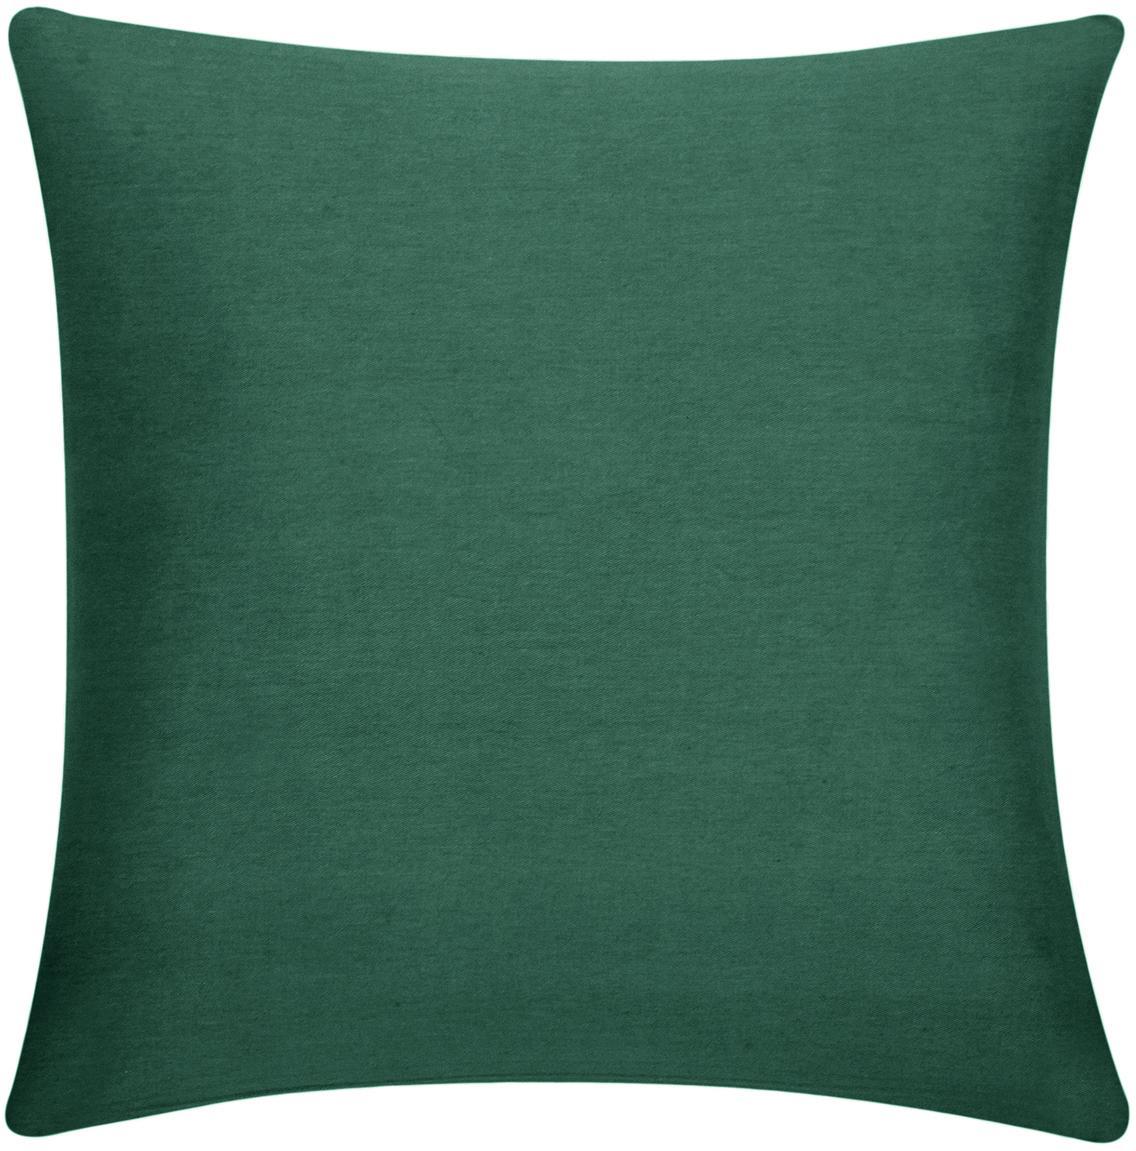 Funda de cojín de algodón Mads, 100%algodón, Verde, An 40 x L 40 cm